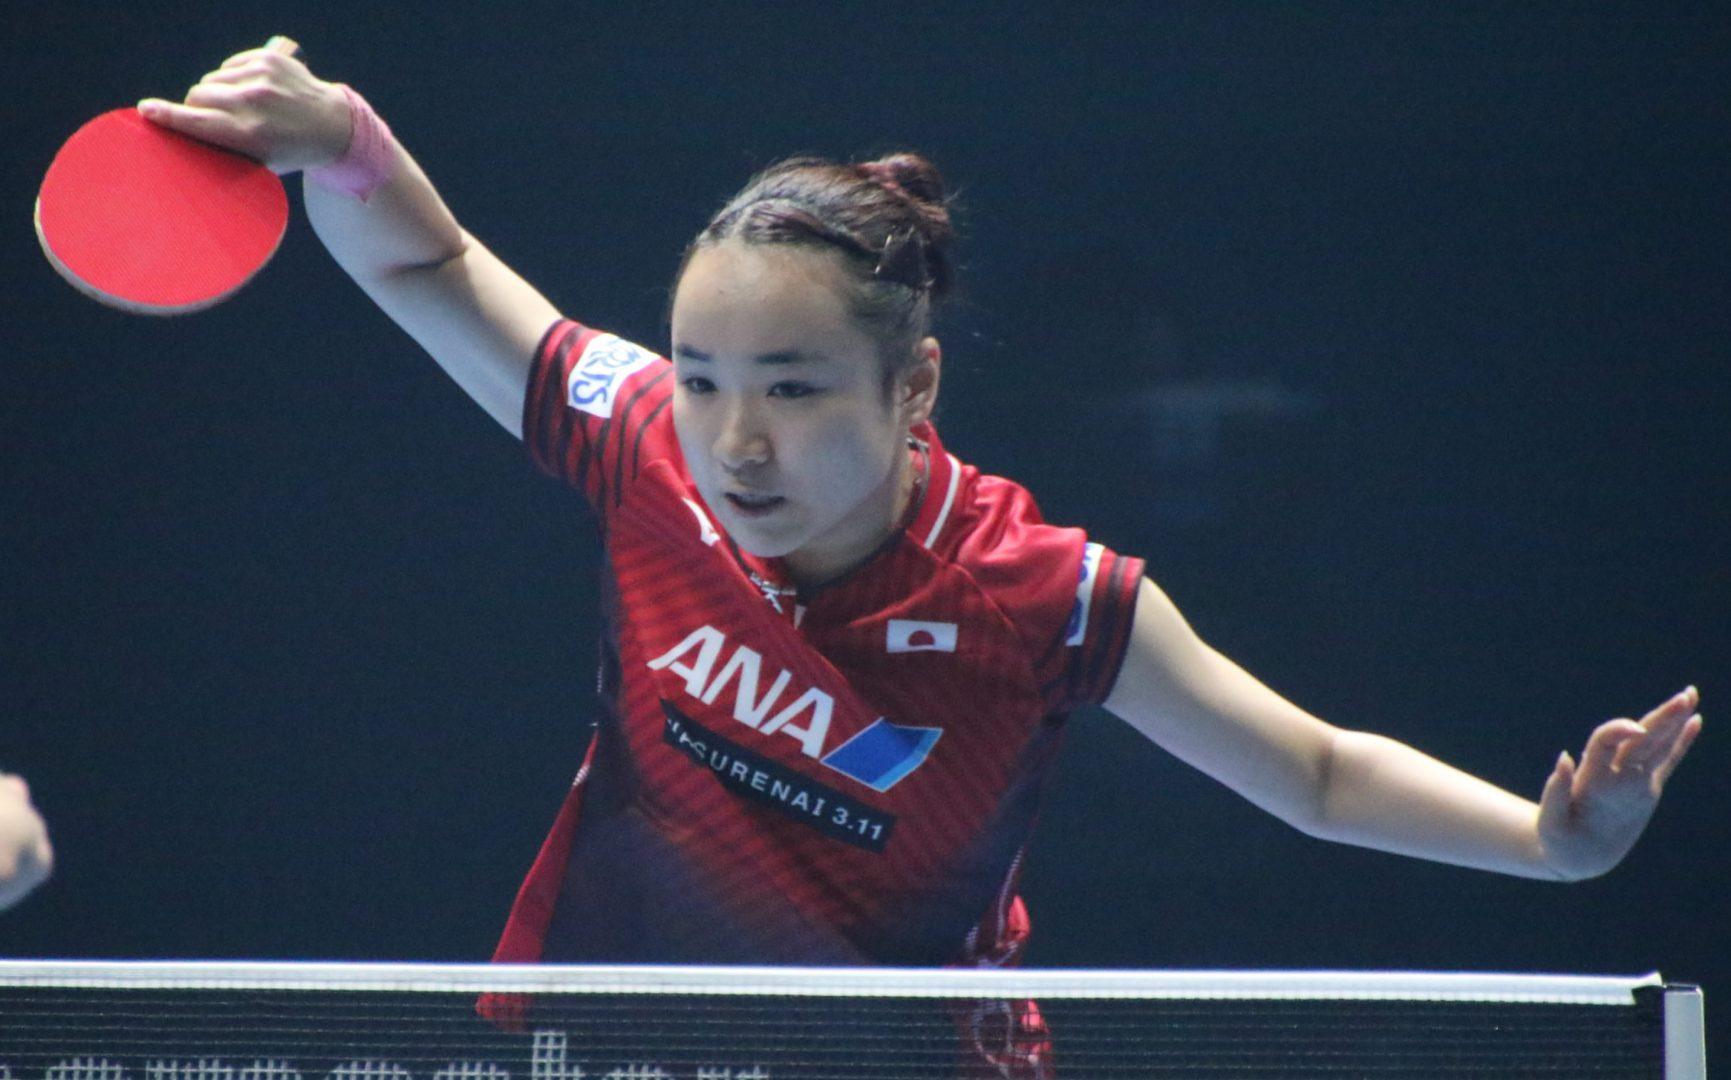 【今週の日本の卓球】張本3位、伊藤2位 日本選手大活躍のT2ダイヤモンド・シンガポールが閉幕